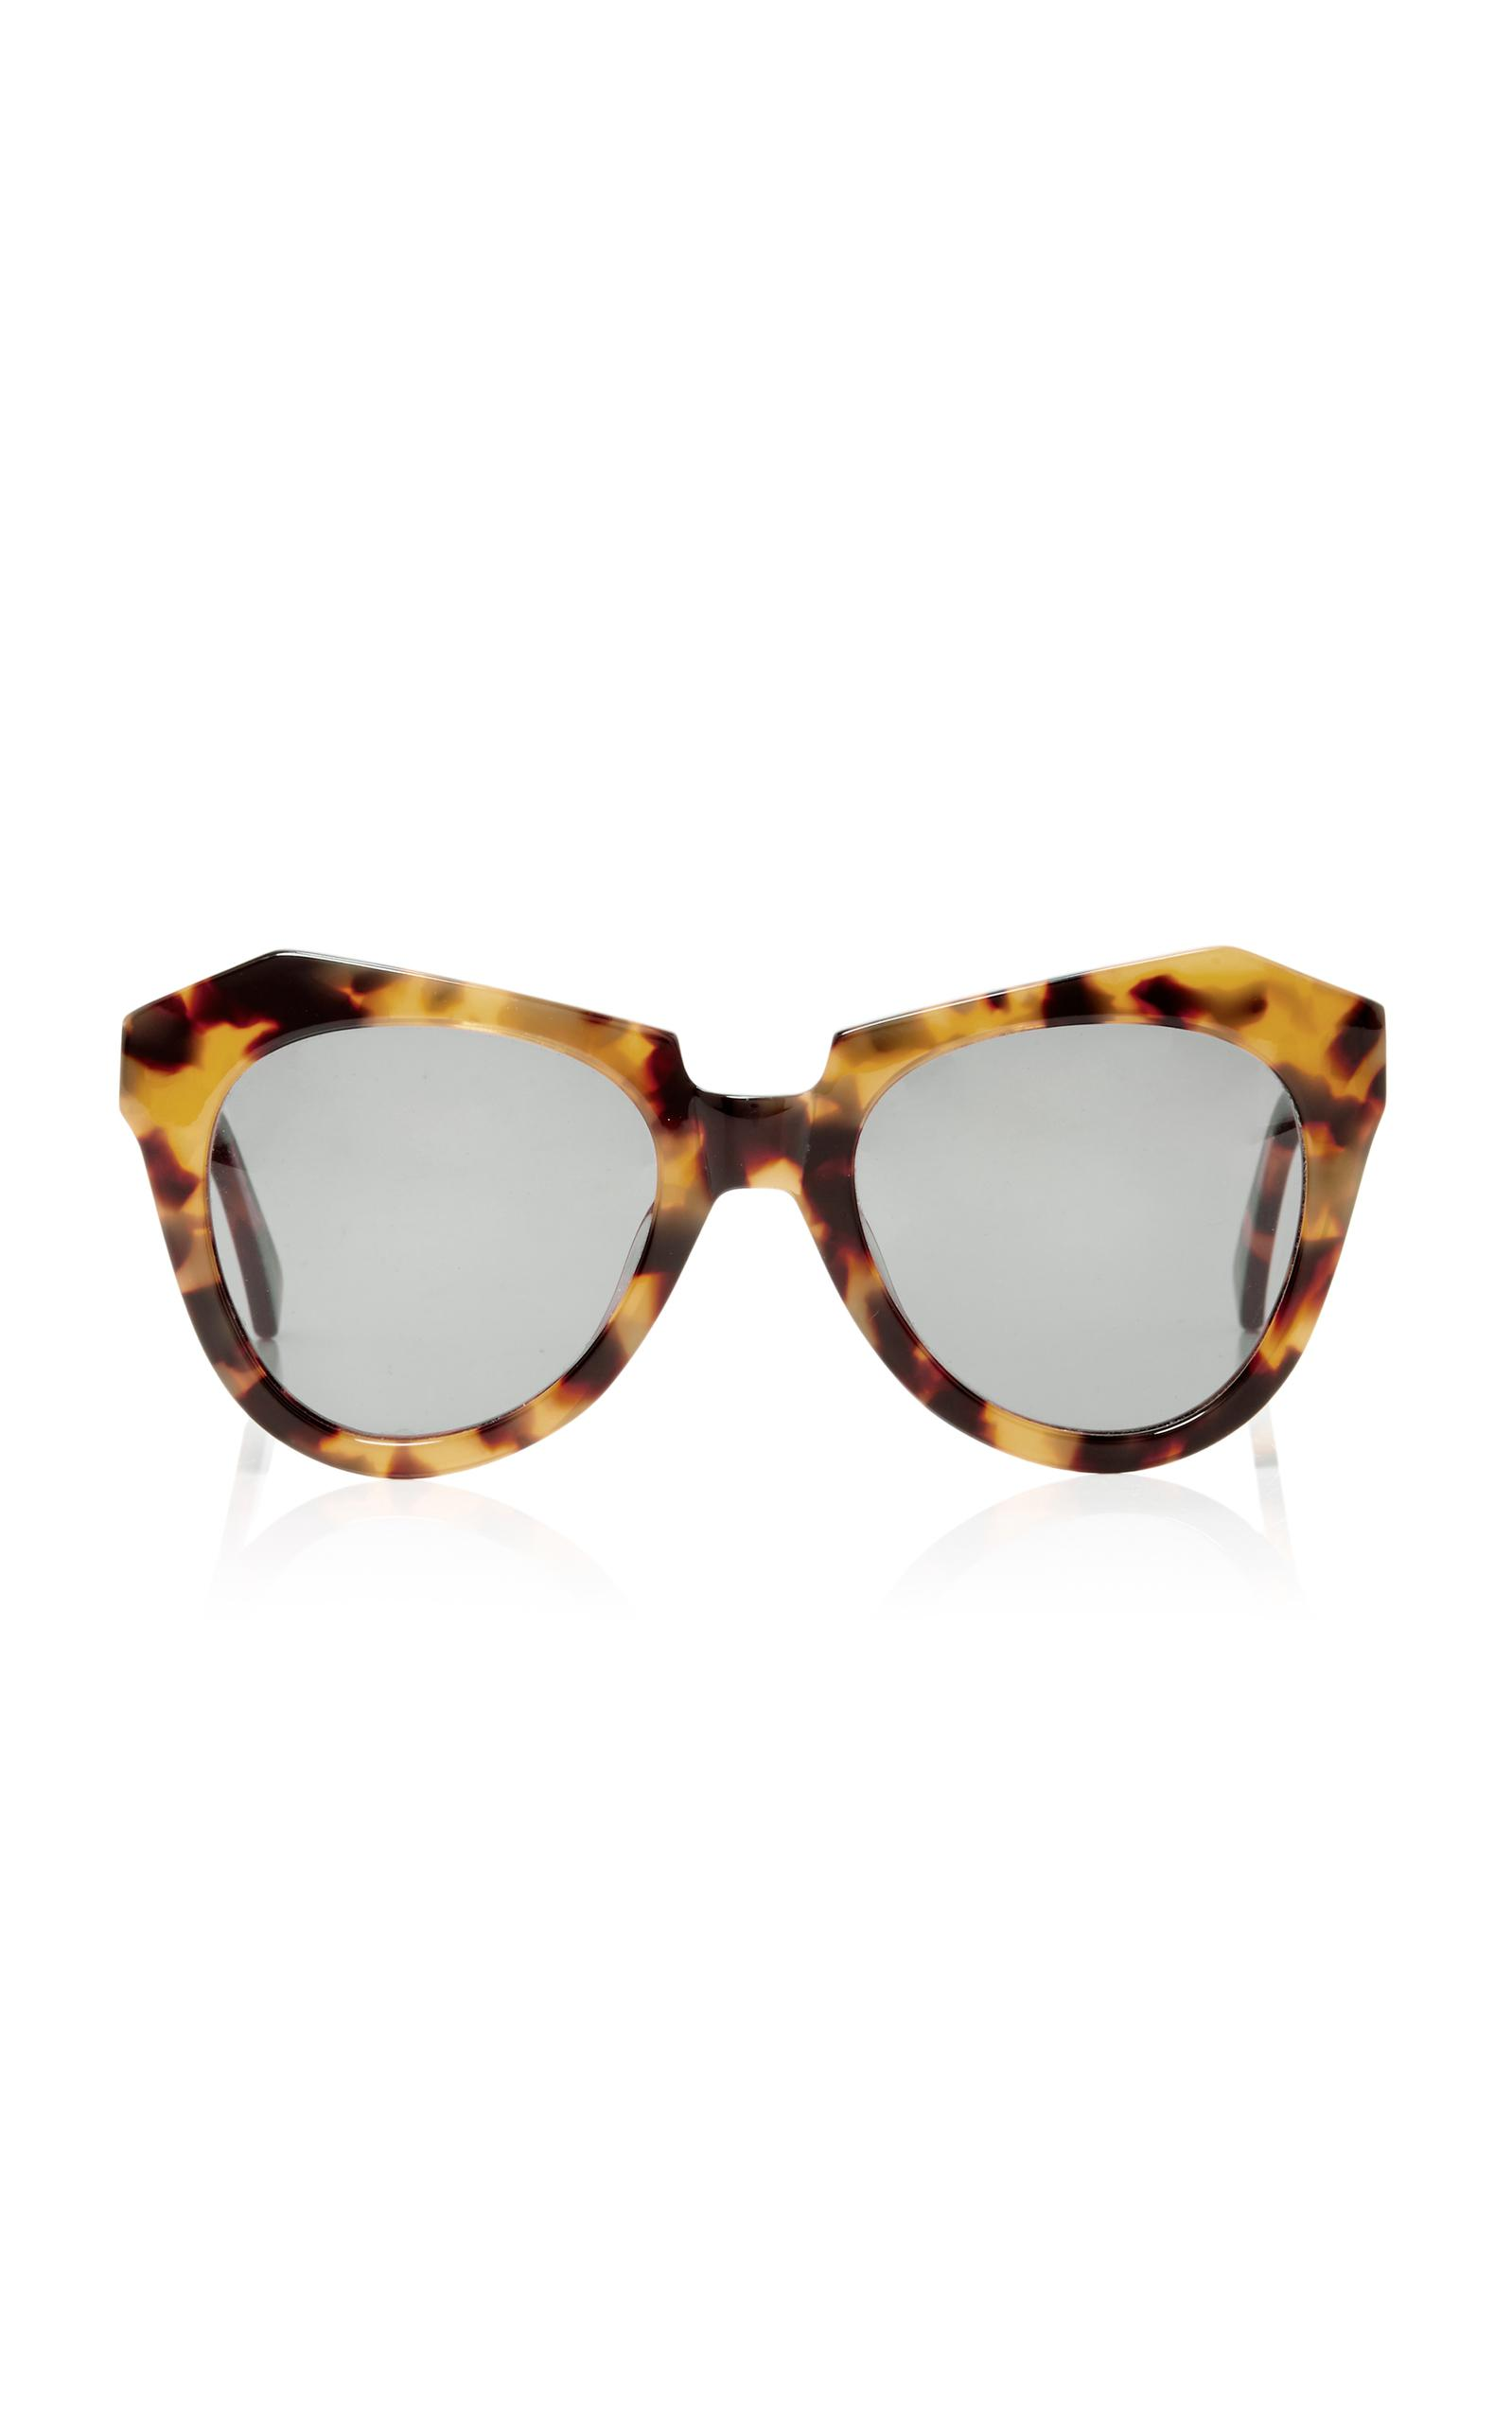 Karen Walker Woman Square-frame Tortoiseshell Acetate Sunglasses Brown Size Karen Walker At1ew